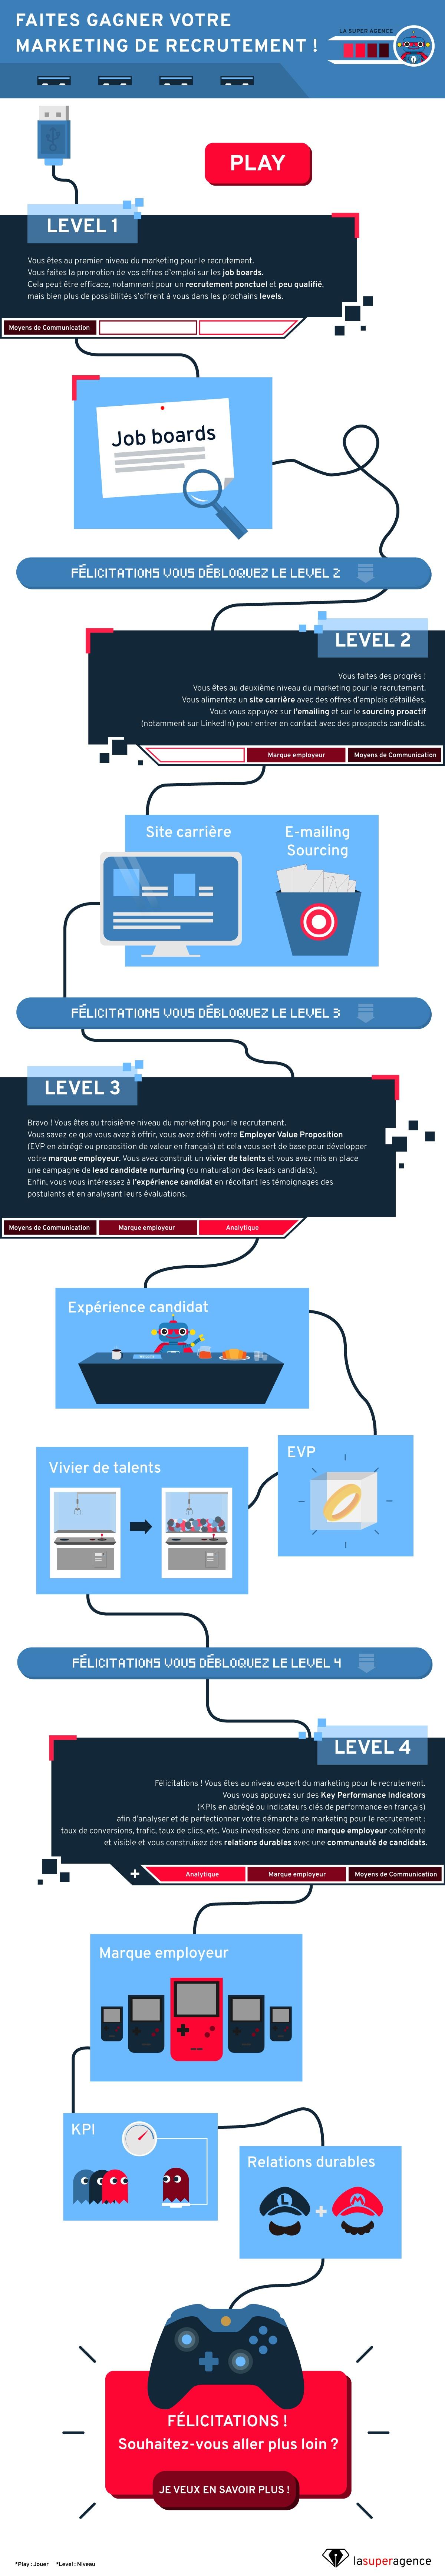 Stratégie de marketing de recrutement : Job Boards, marque employeur, expérience candidat, analytique. Quel est votre niveau ?